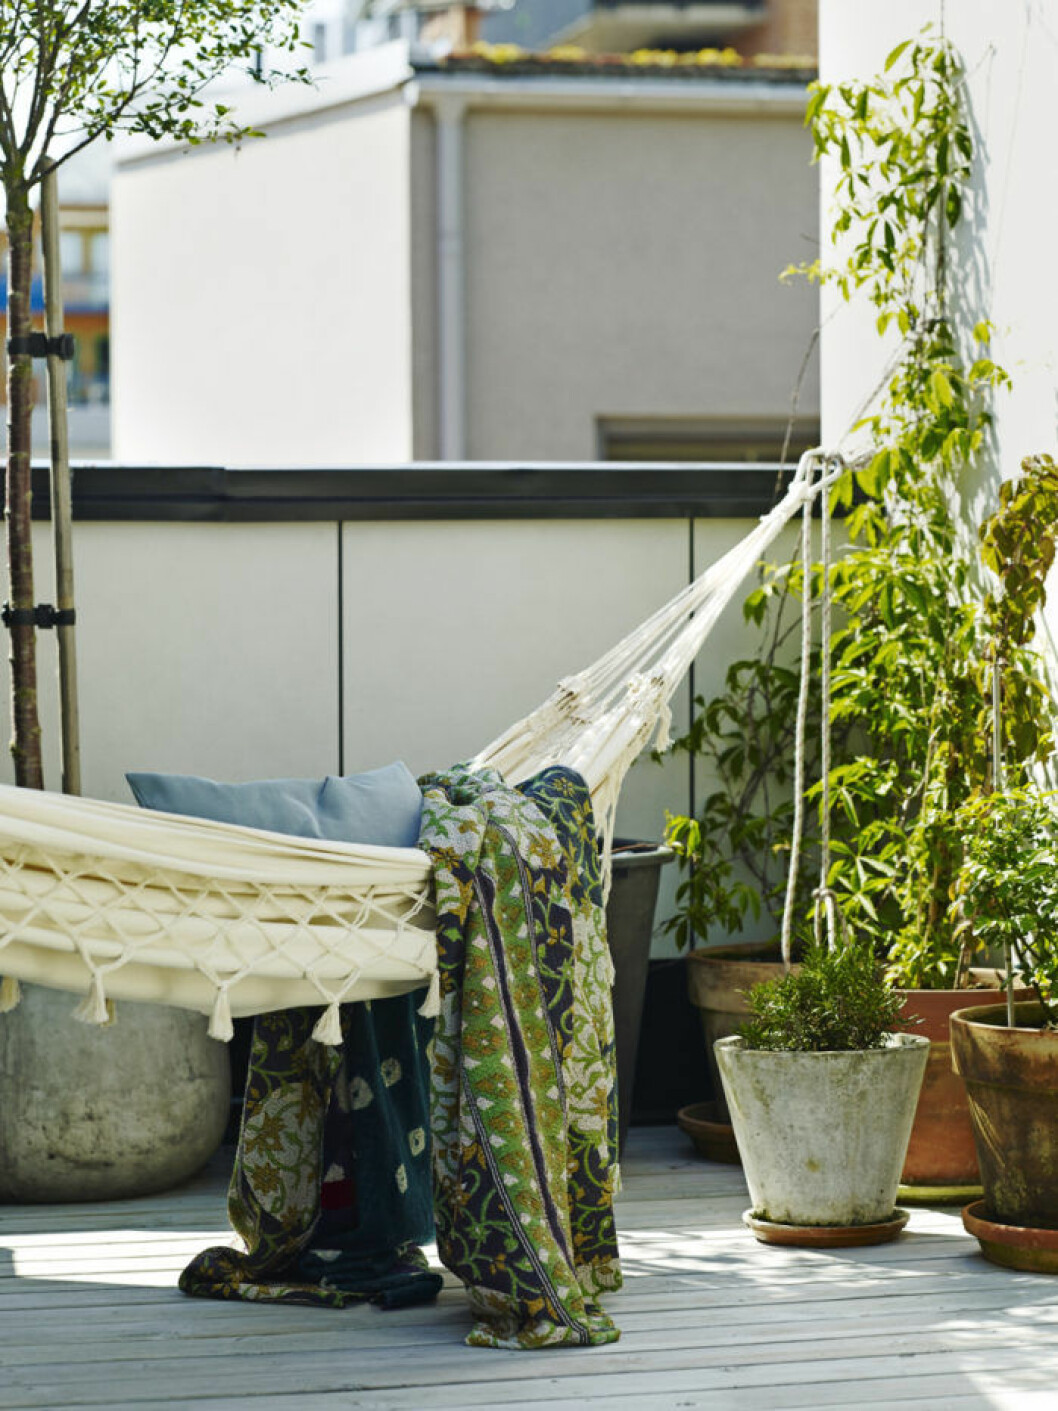 Hängmatta på balkong med växter runt